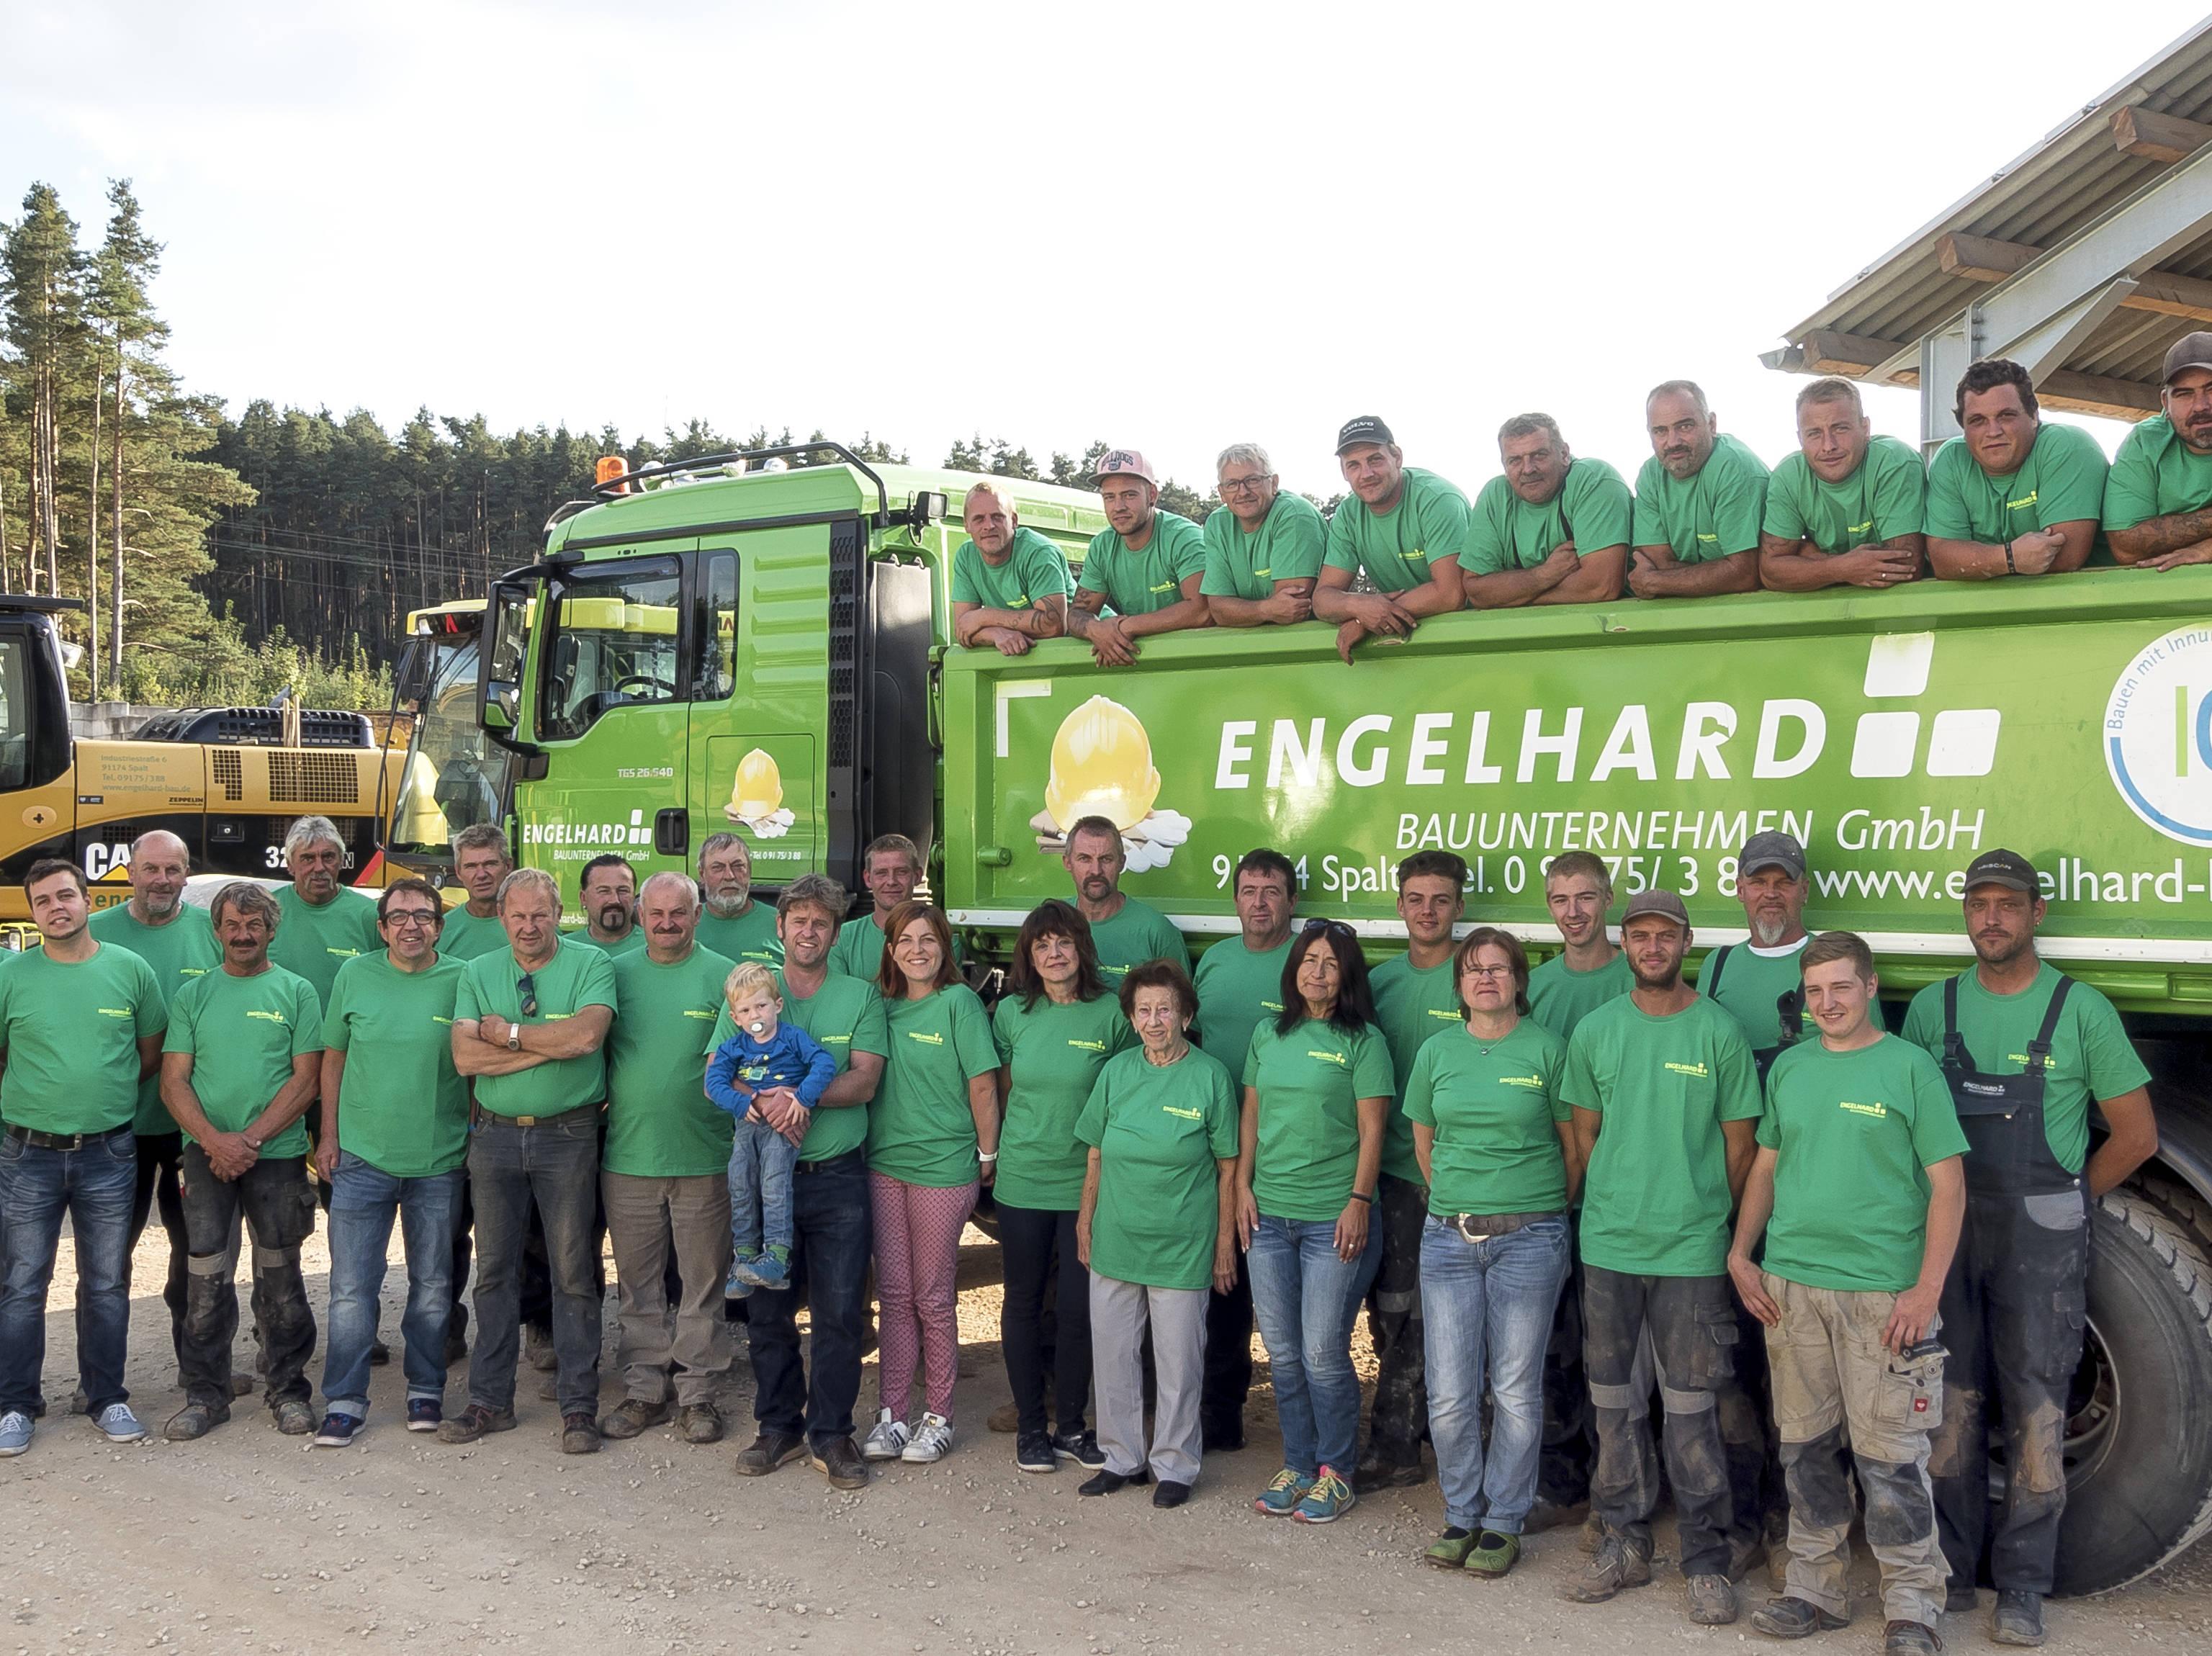 Team Engelhard Bauunternehmen